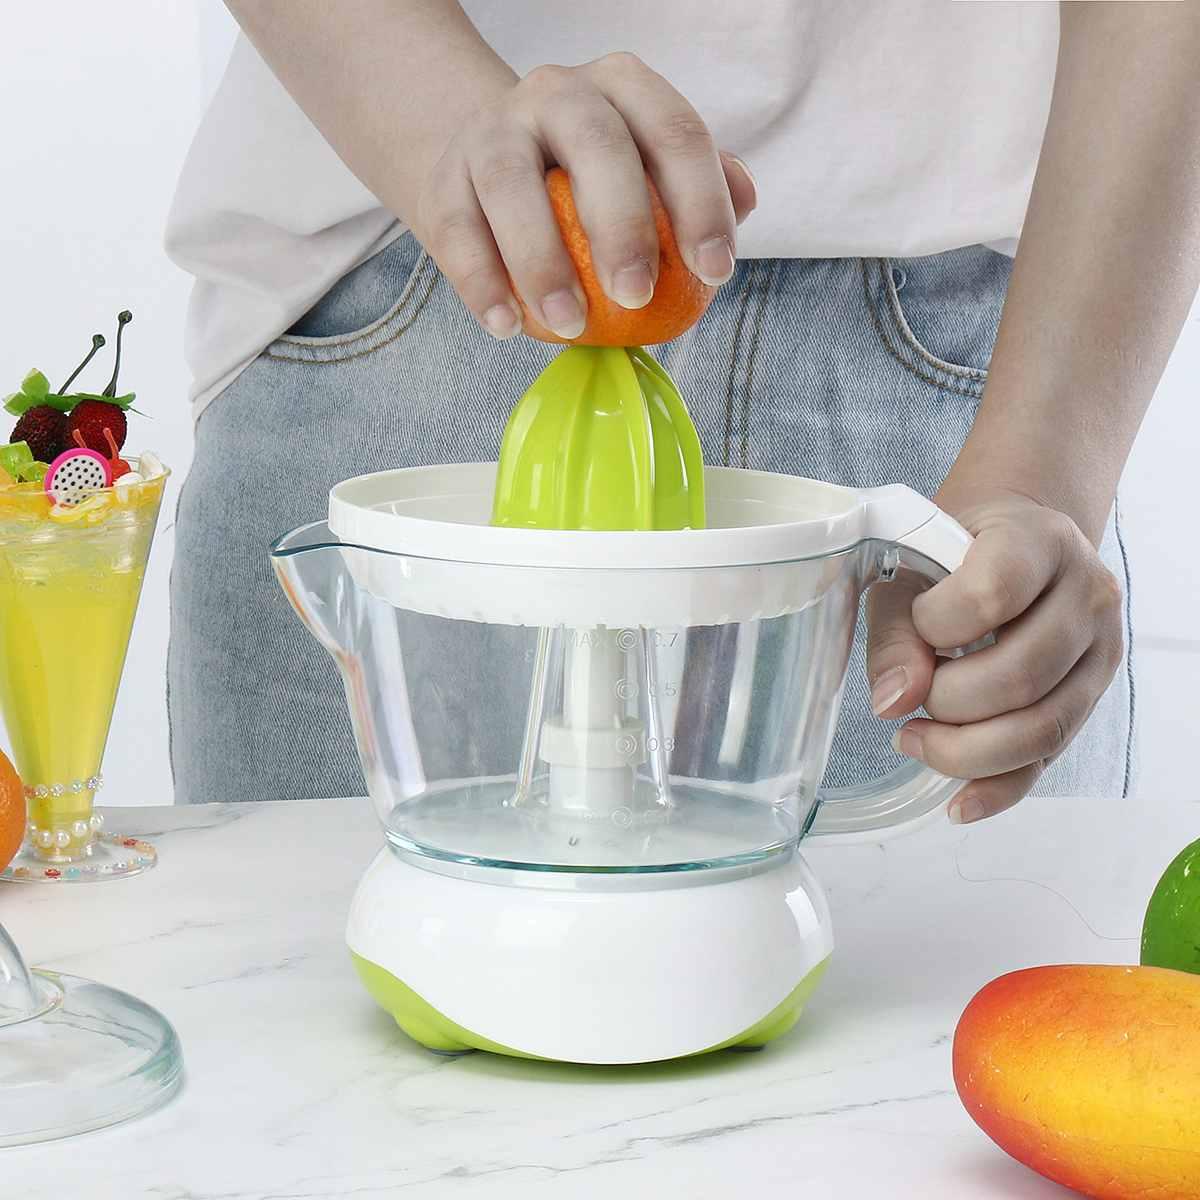 Бытовая портативная электрическая соковыжималка для апельсинового сока, электрическая соковыжималка для апельсинов, цитрусовых, лимонов, ...